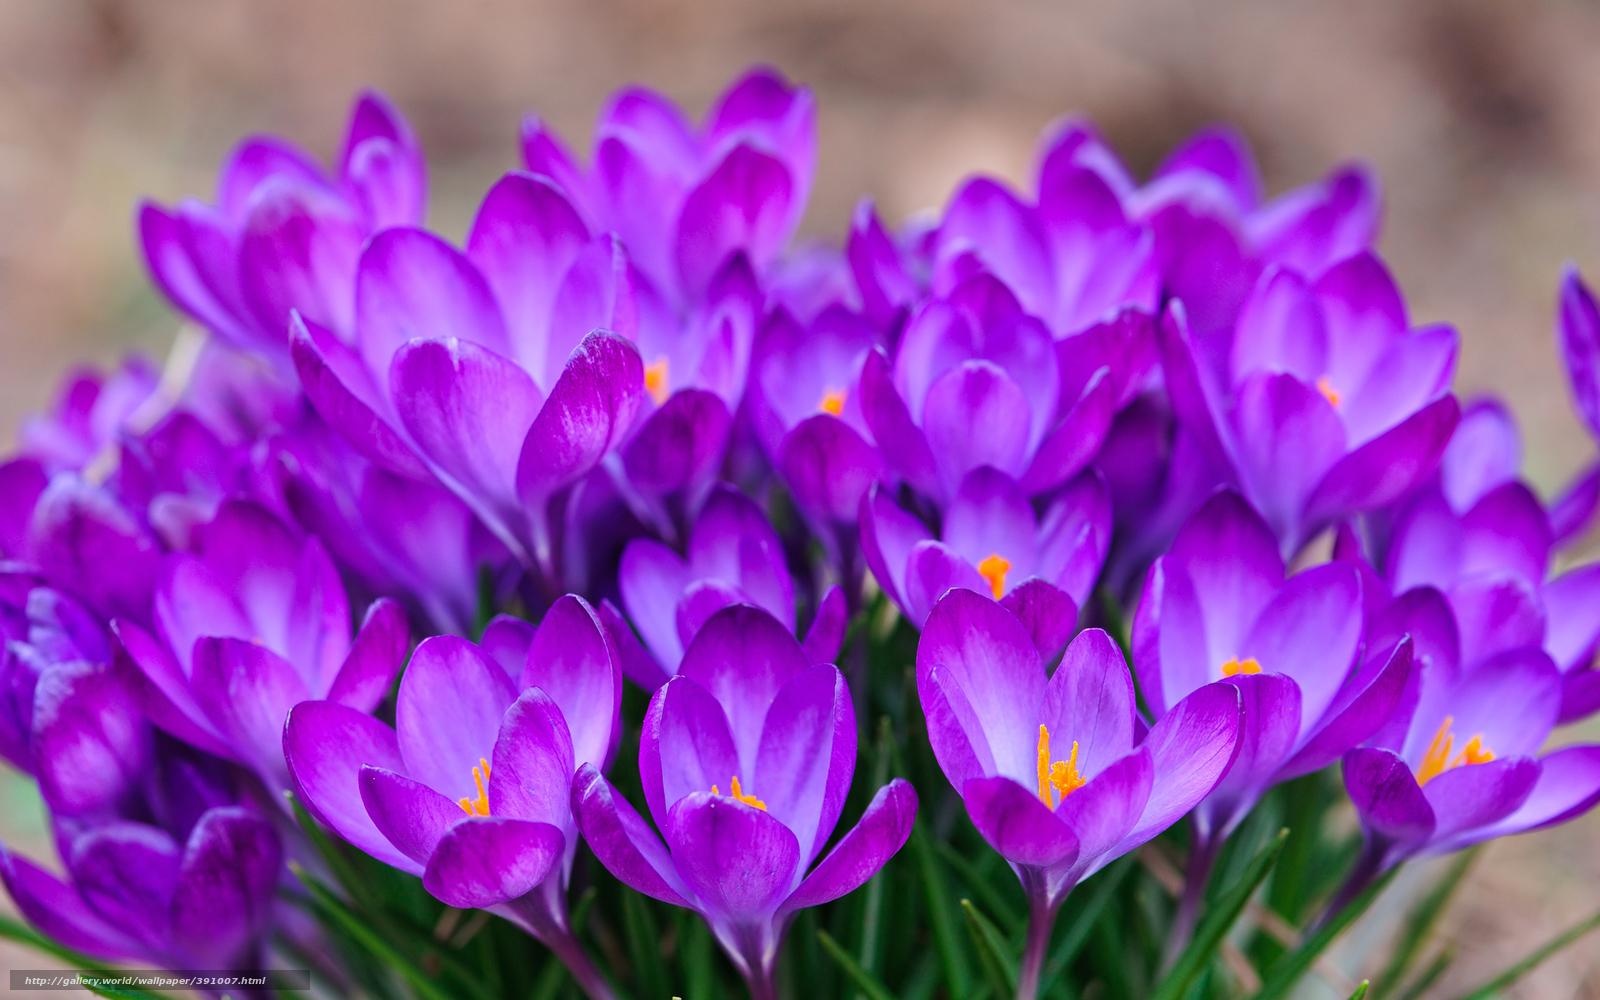 Scaricare gli sfondi crocuses zafferano primavera sfondi for Immagini primavera desktop